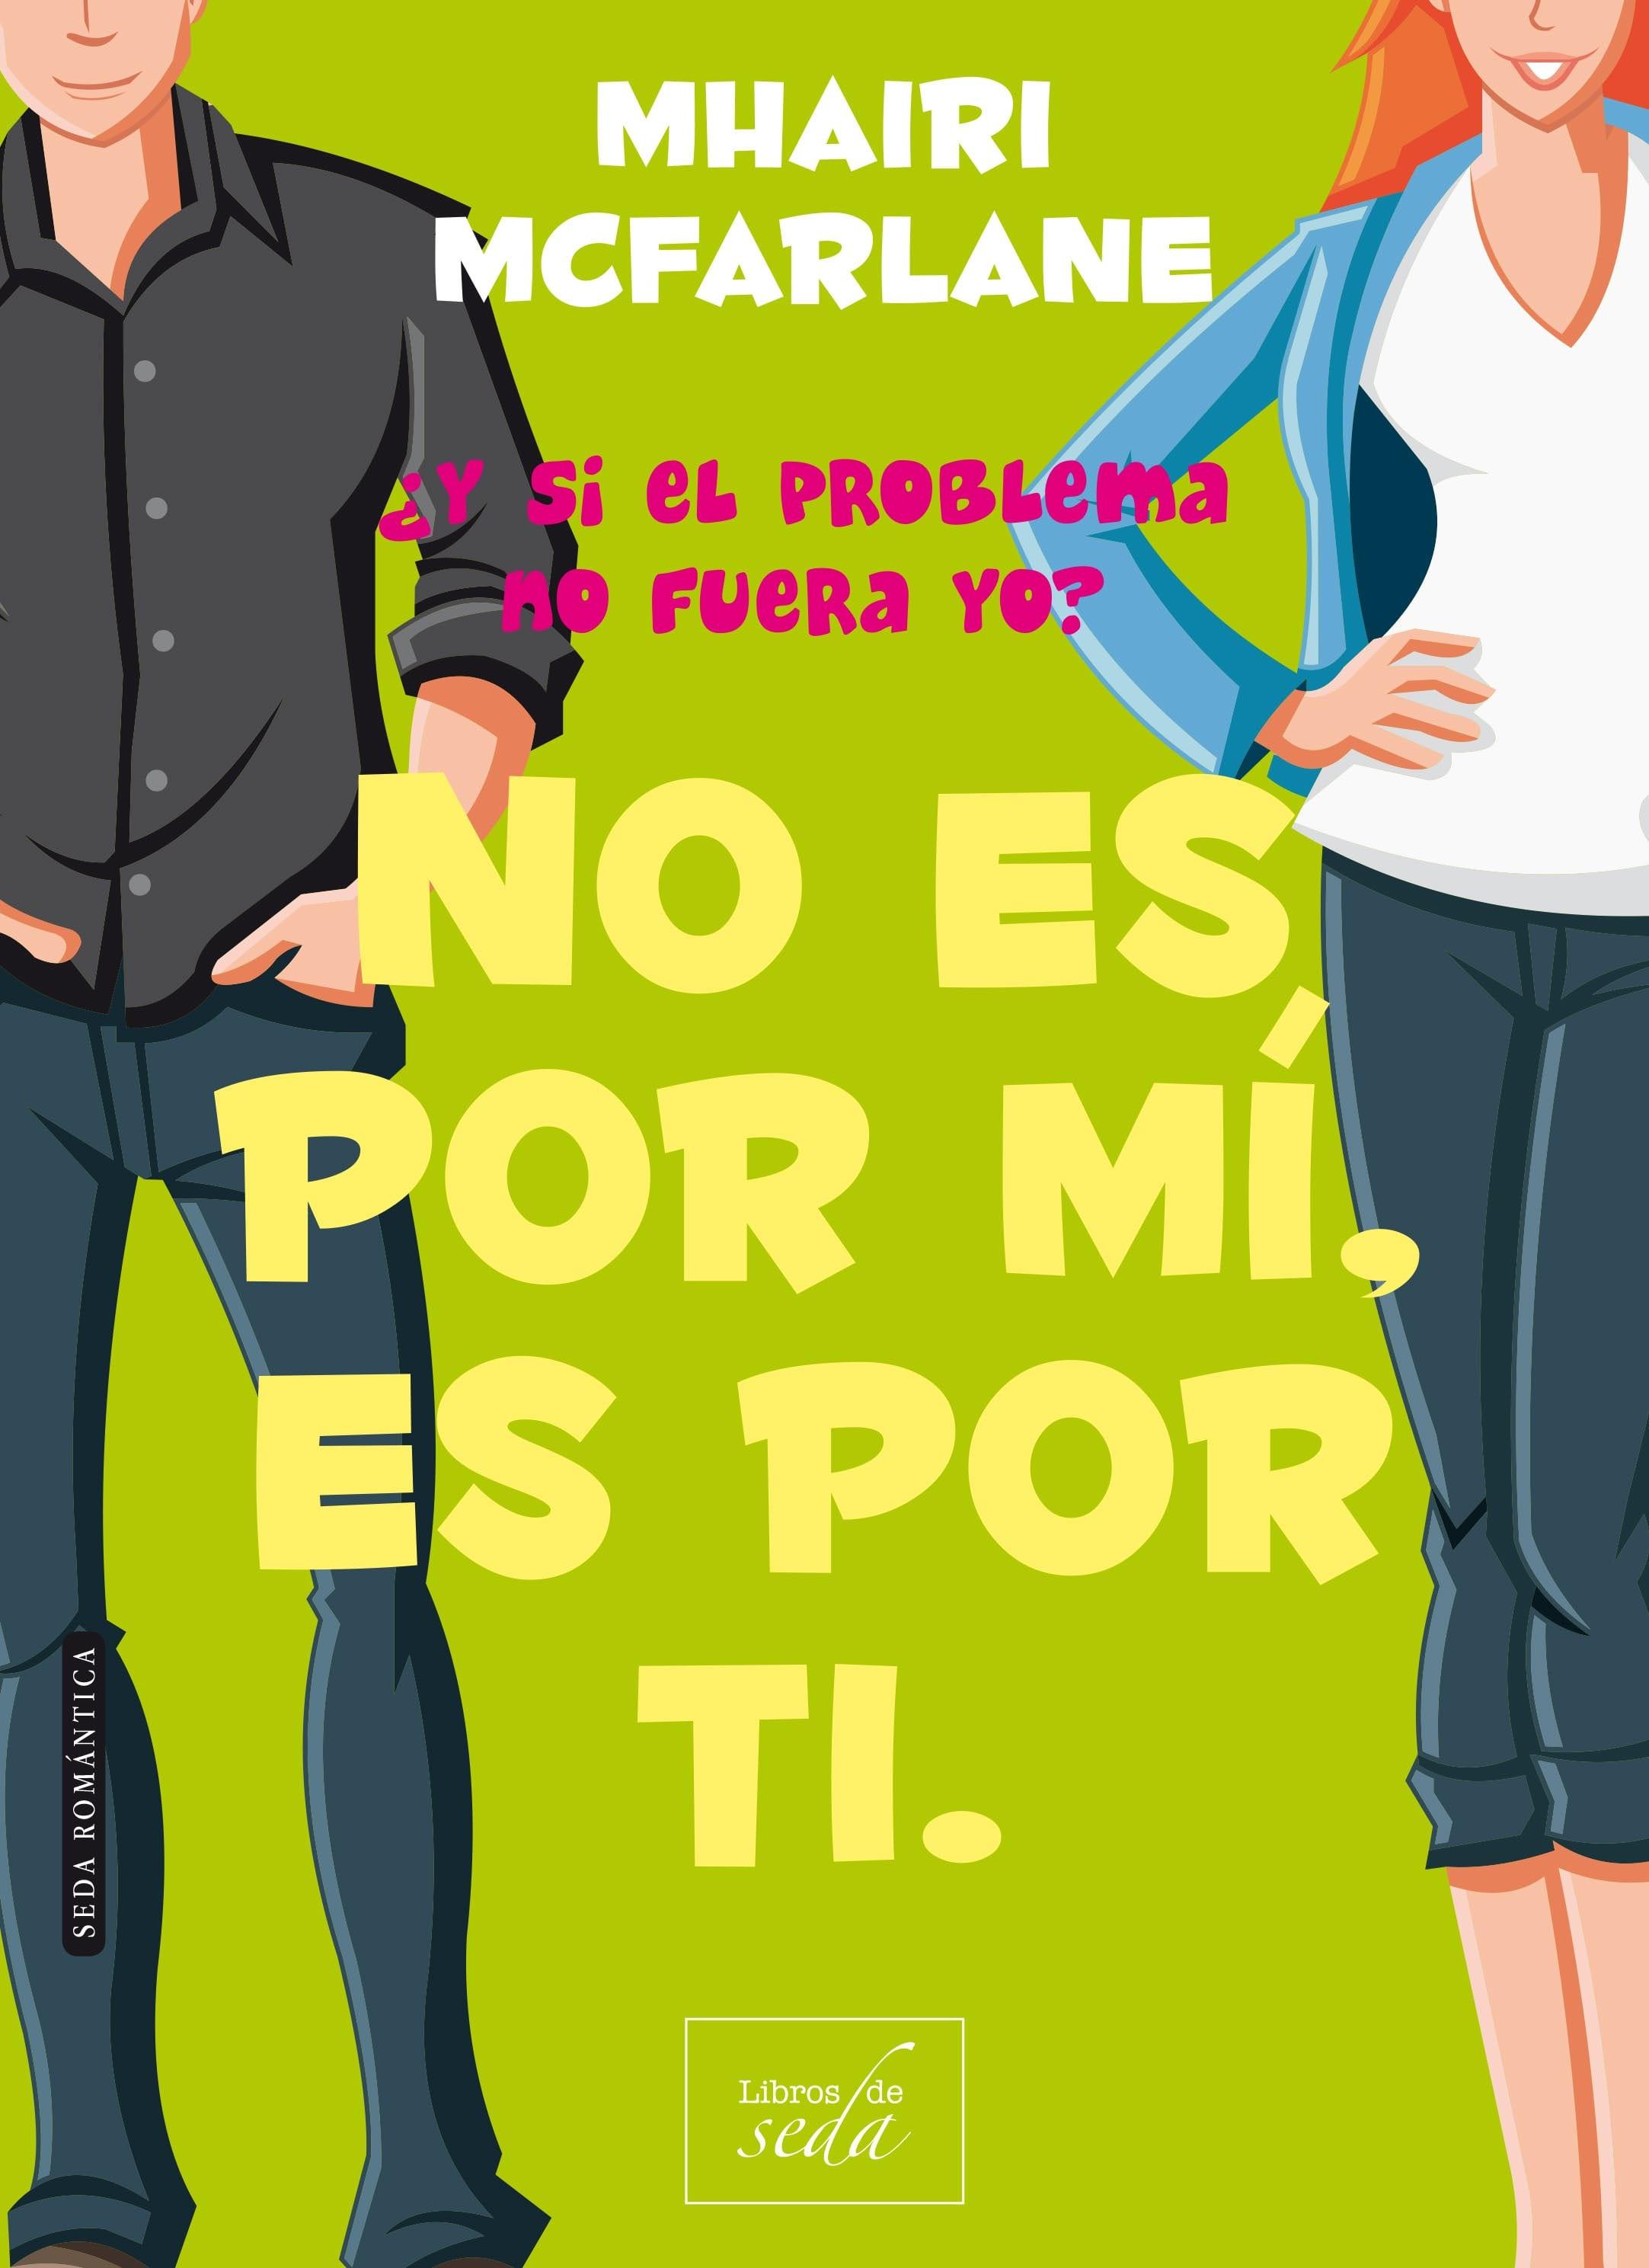 http://librosdeseda.com/romantica/104-si-pensara-en-ti-te-despreciaria-9788415854319.html